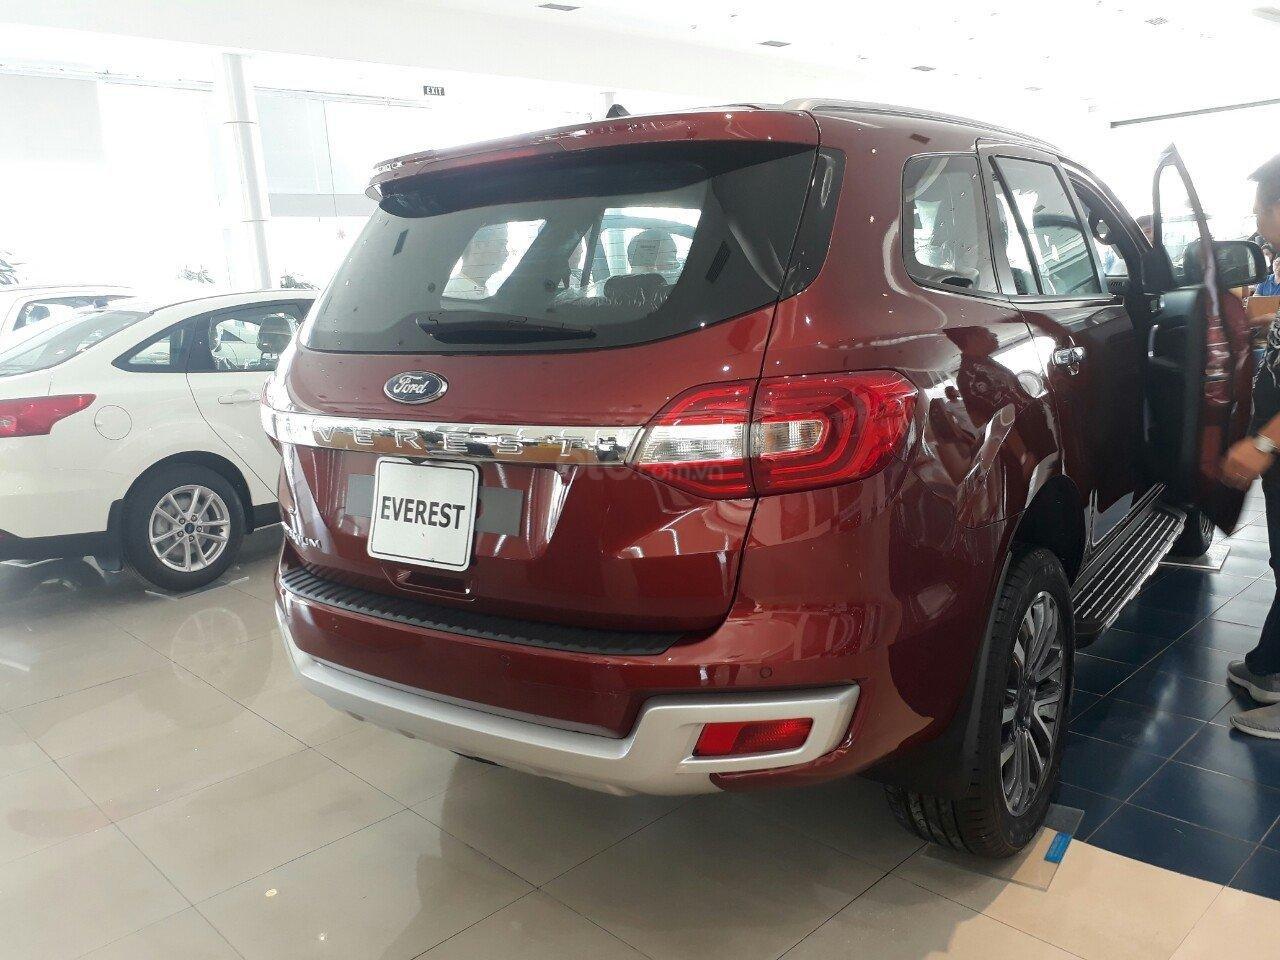 An Đô Ford bán Ford Everest Titanium 2.0 nhập năm 2019, giá tốt nhất thị trường, tặng full phụ kiện, LH 0974286009 (7)